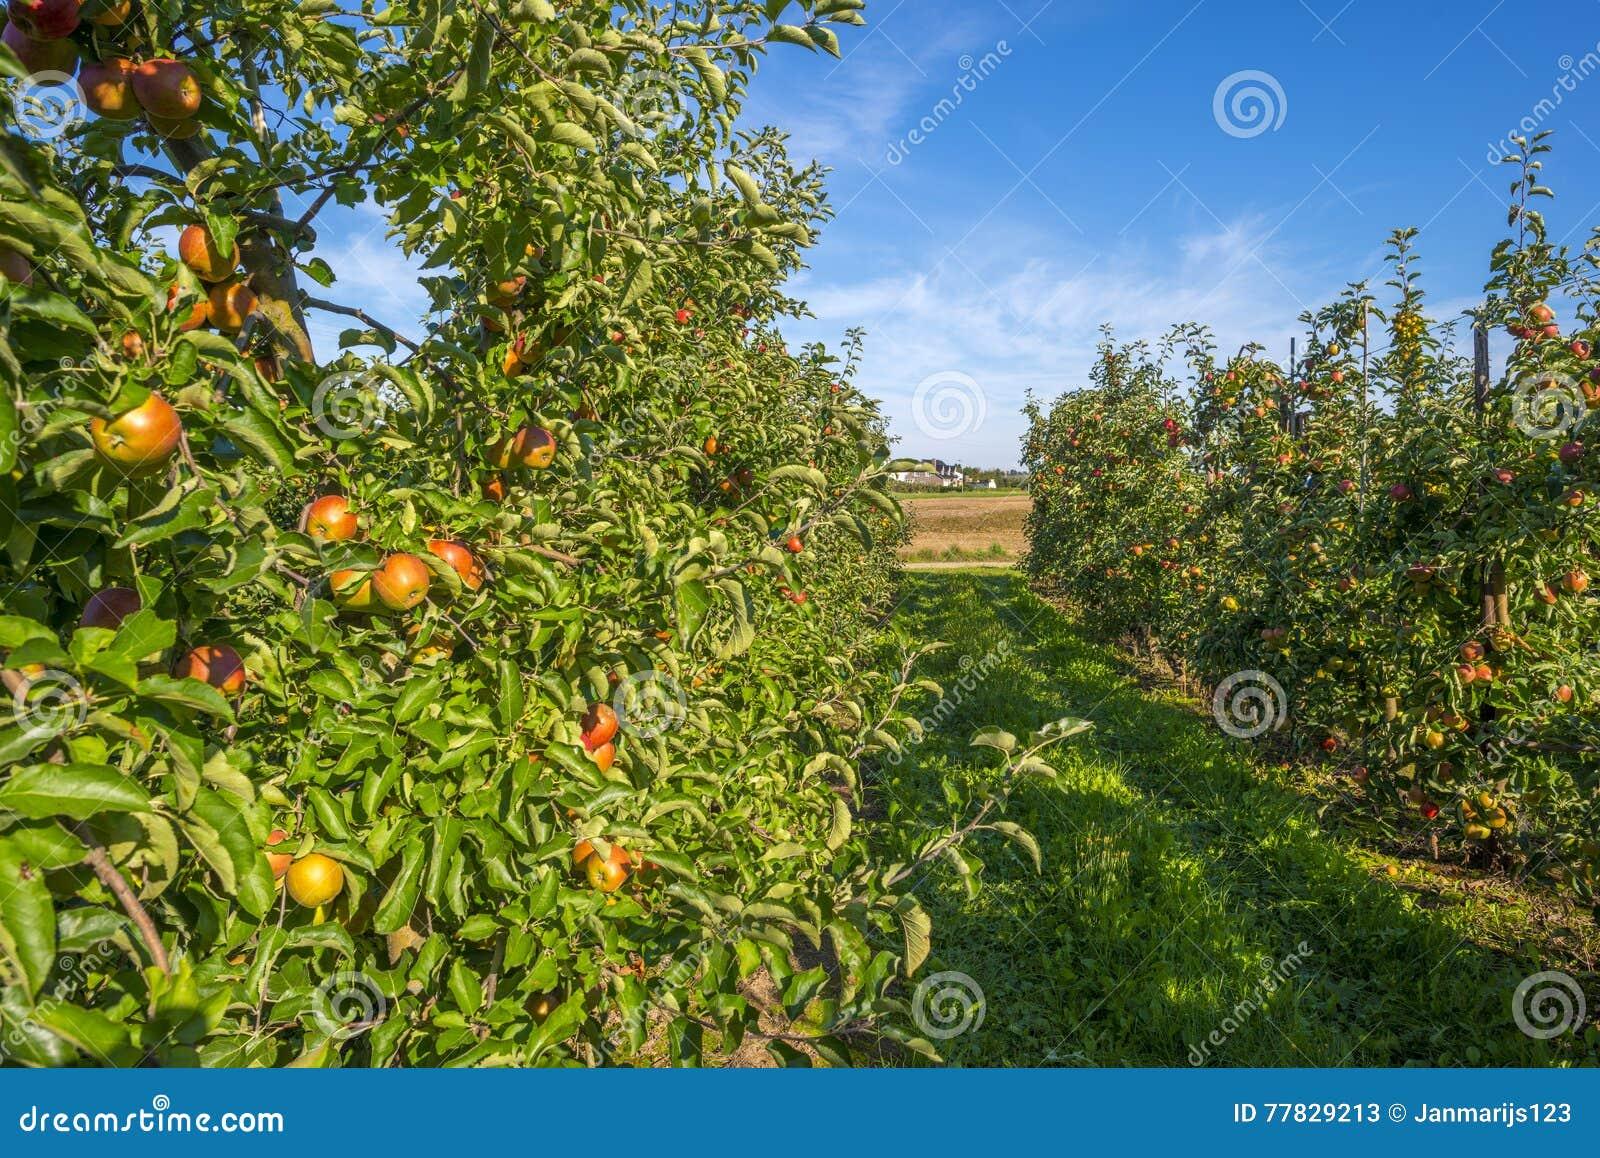 Boomgaard met appelbomen op een gebied